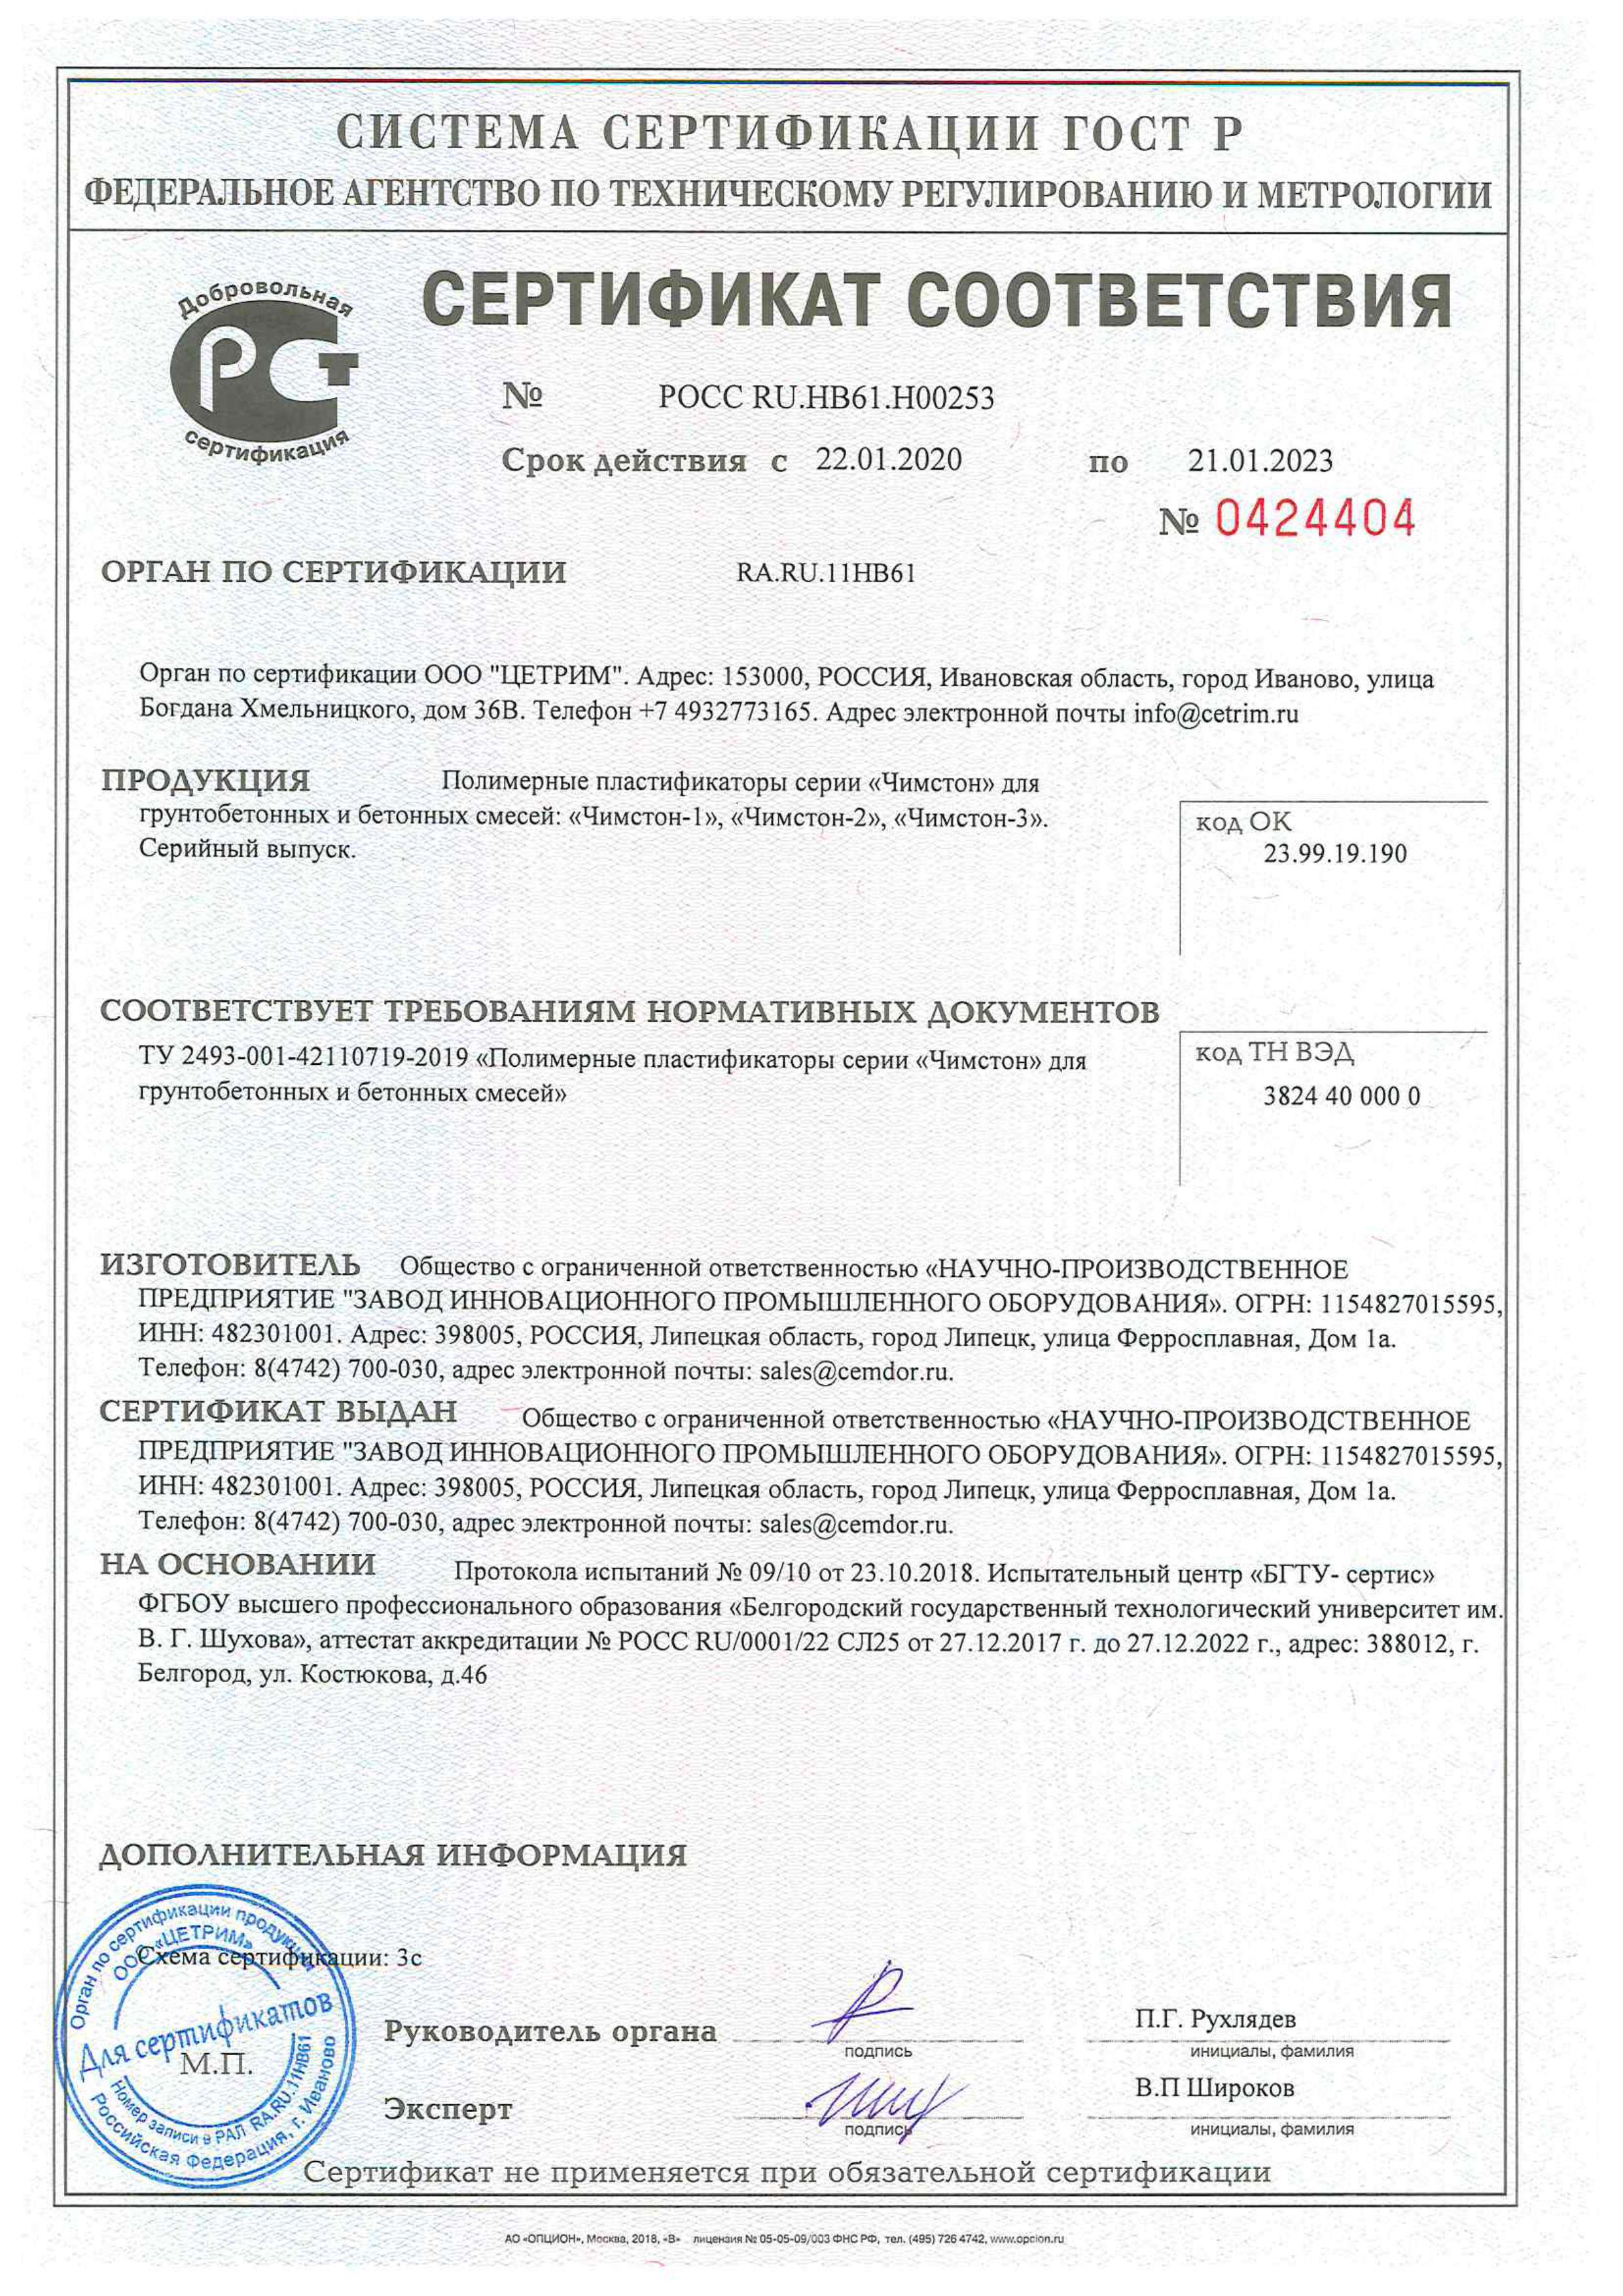 Цементный вяжущий сертификат